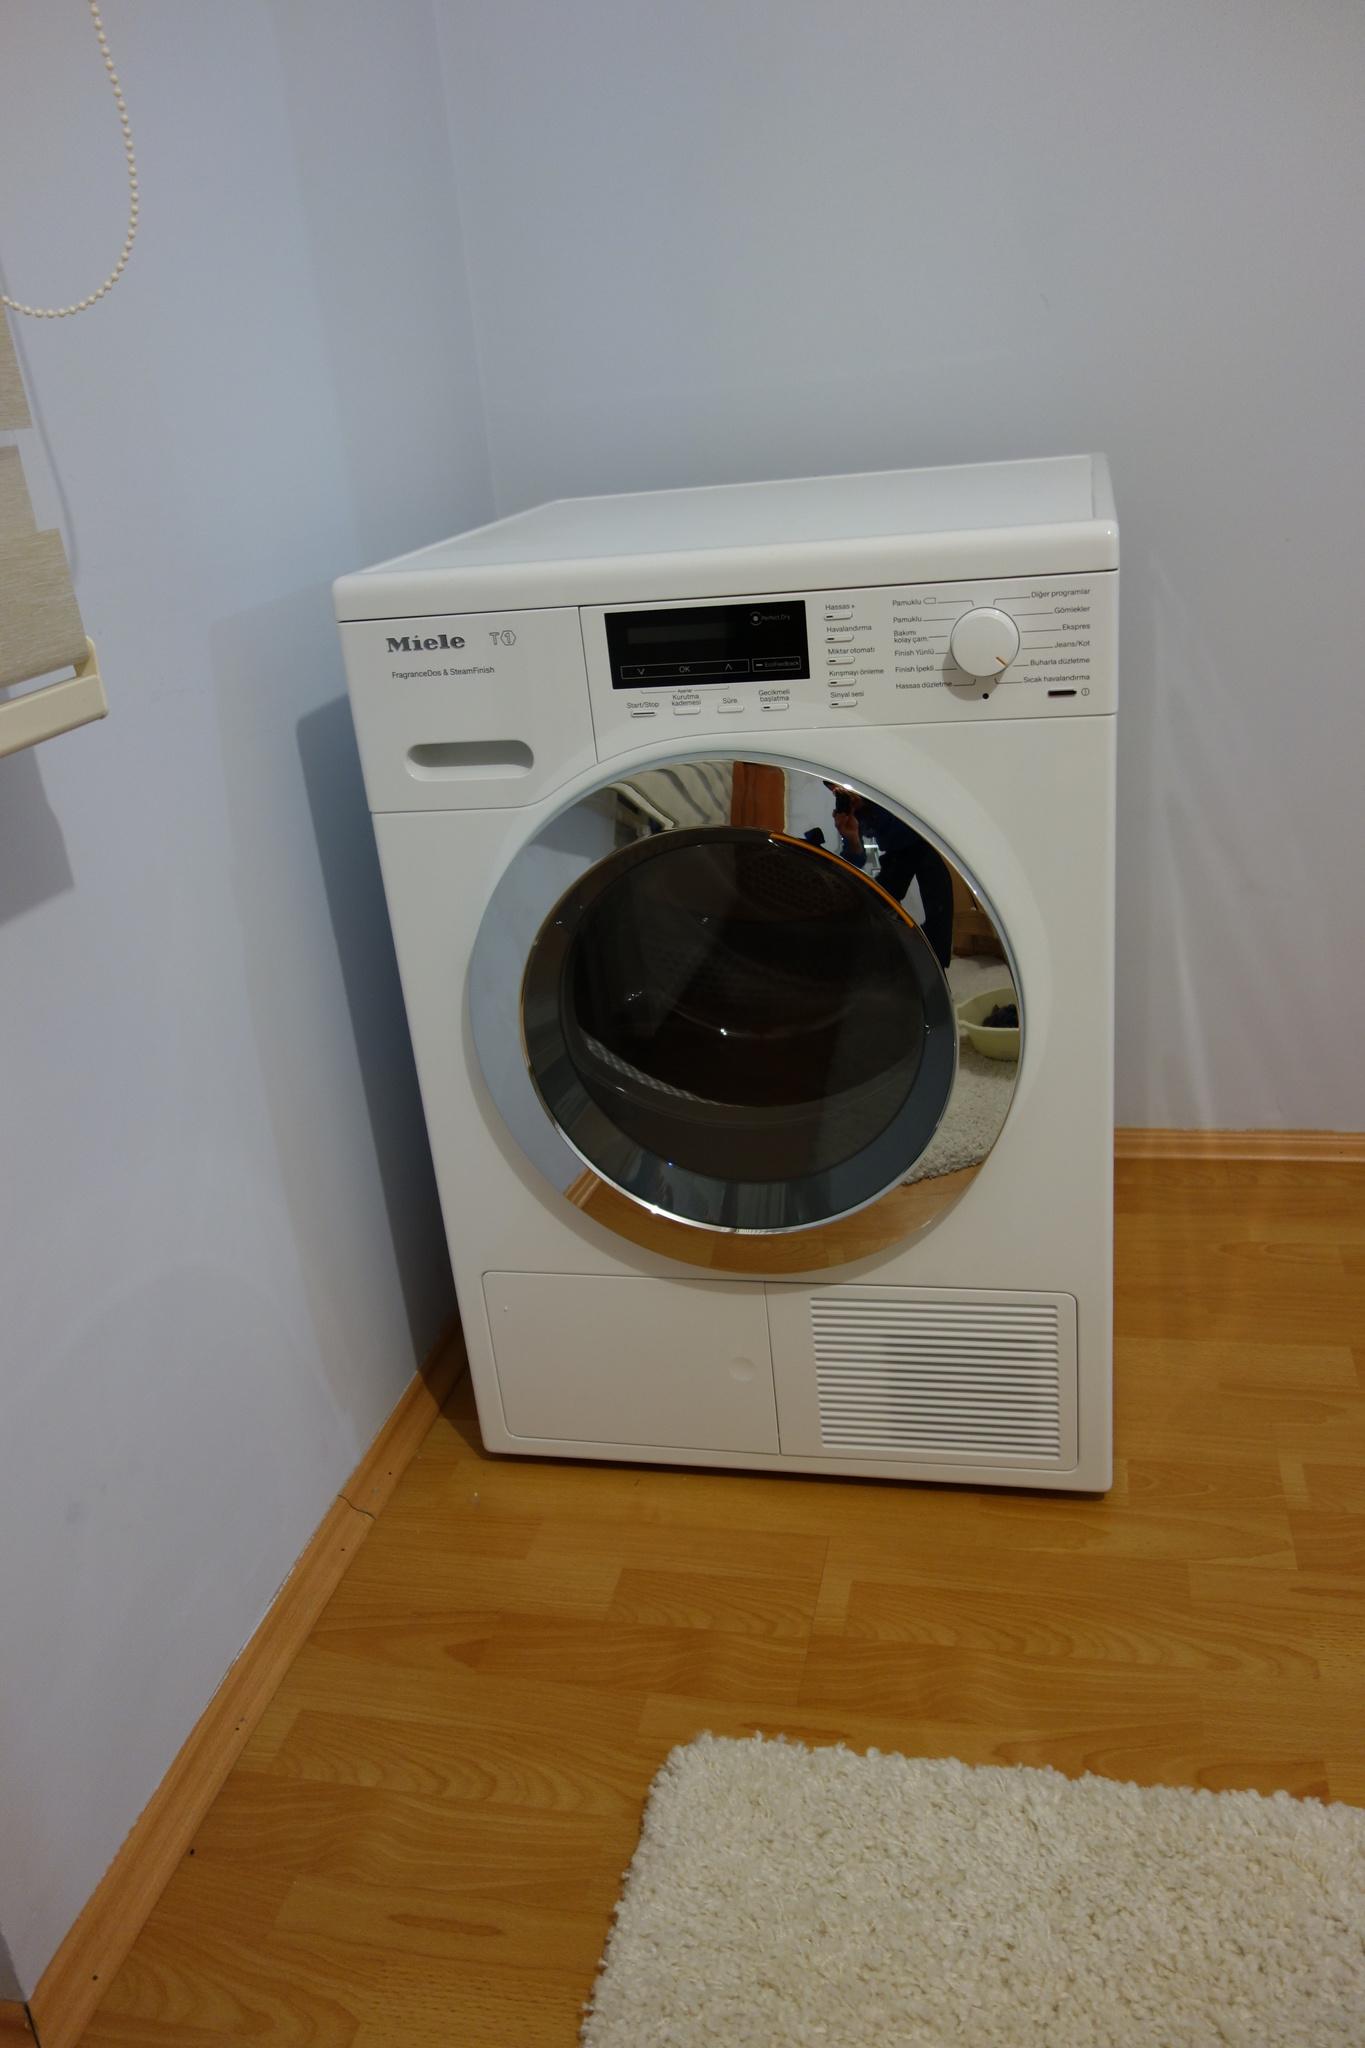 Çamaşır Makinesinin İçine Kamera Koymuşlar 88